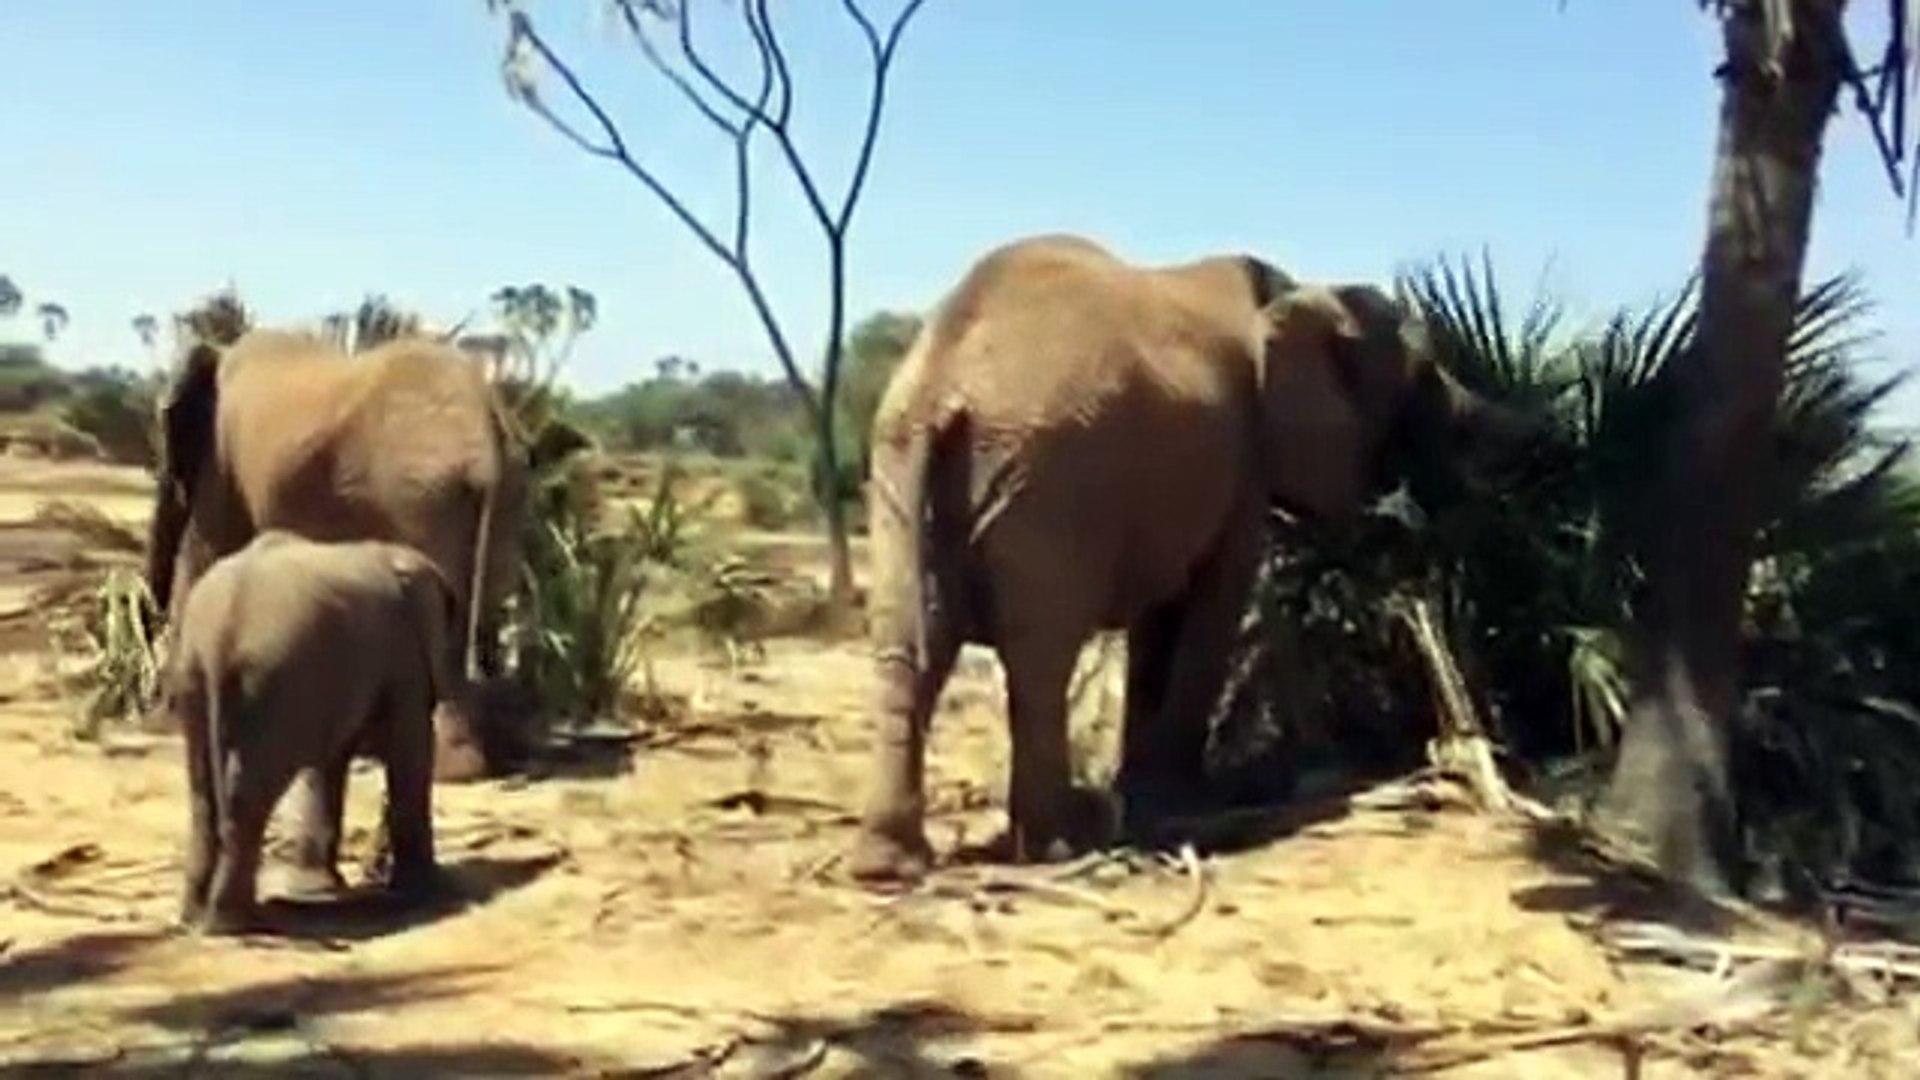 African Elephants - Wildlife in Africa